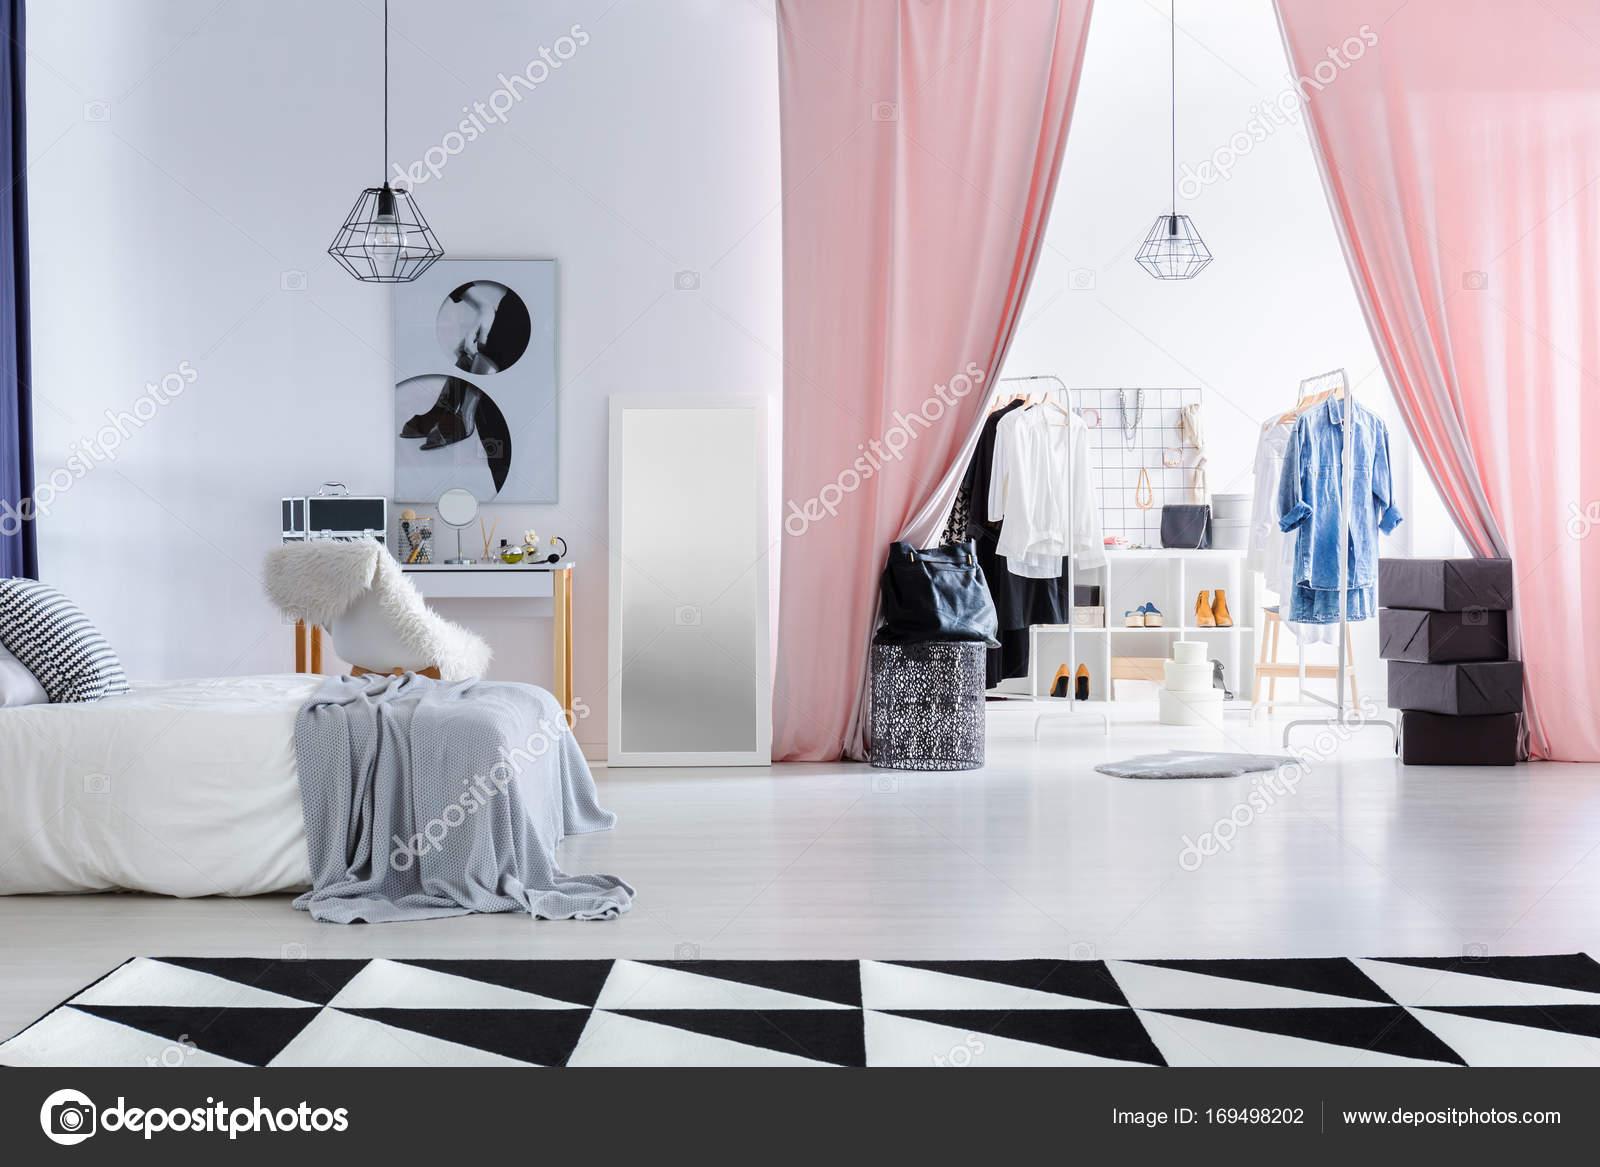 Kleedkamer In Slaapkamer : Modieuze slaapkamer met kleedkamer u2014 stockfoto © photographee.eu